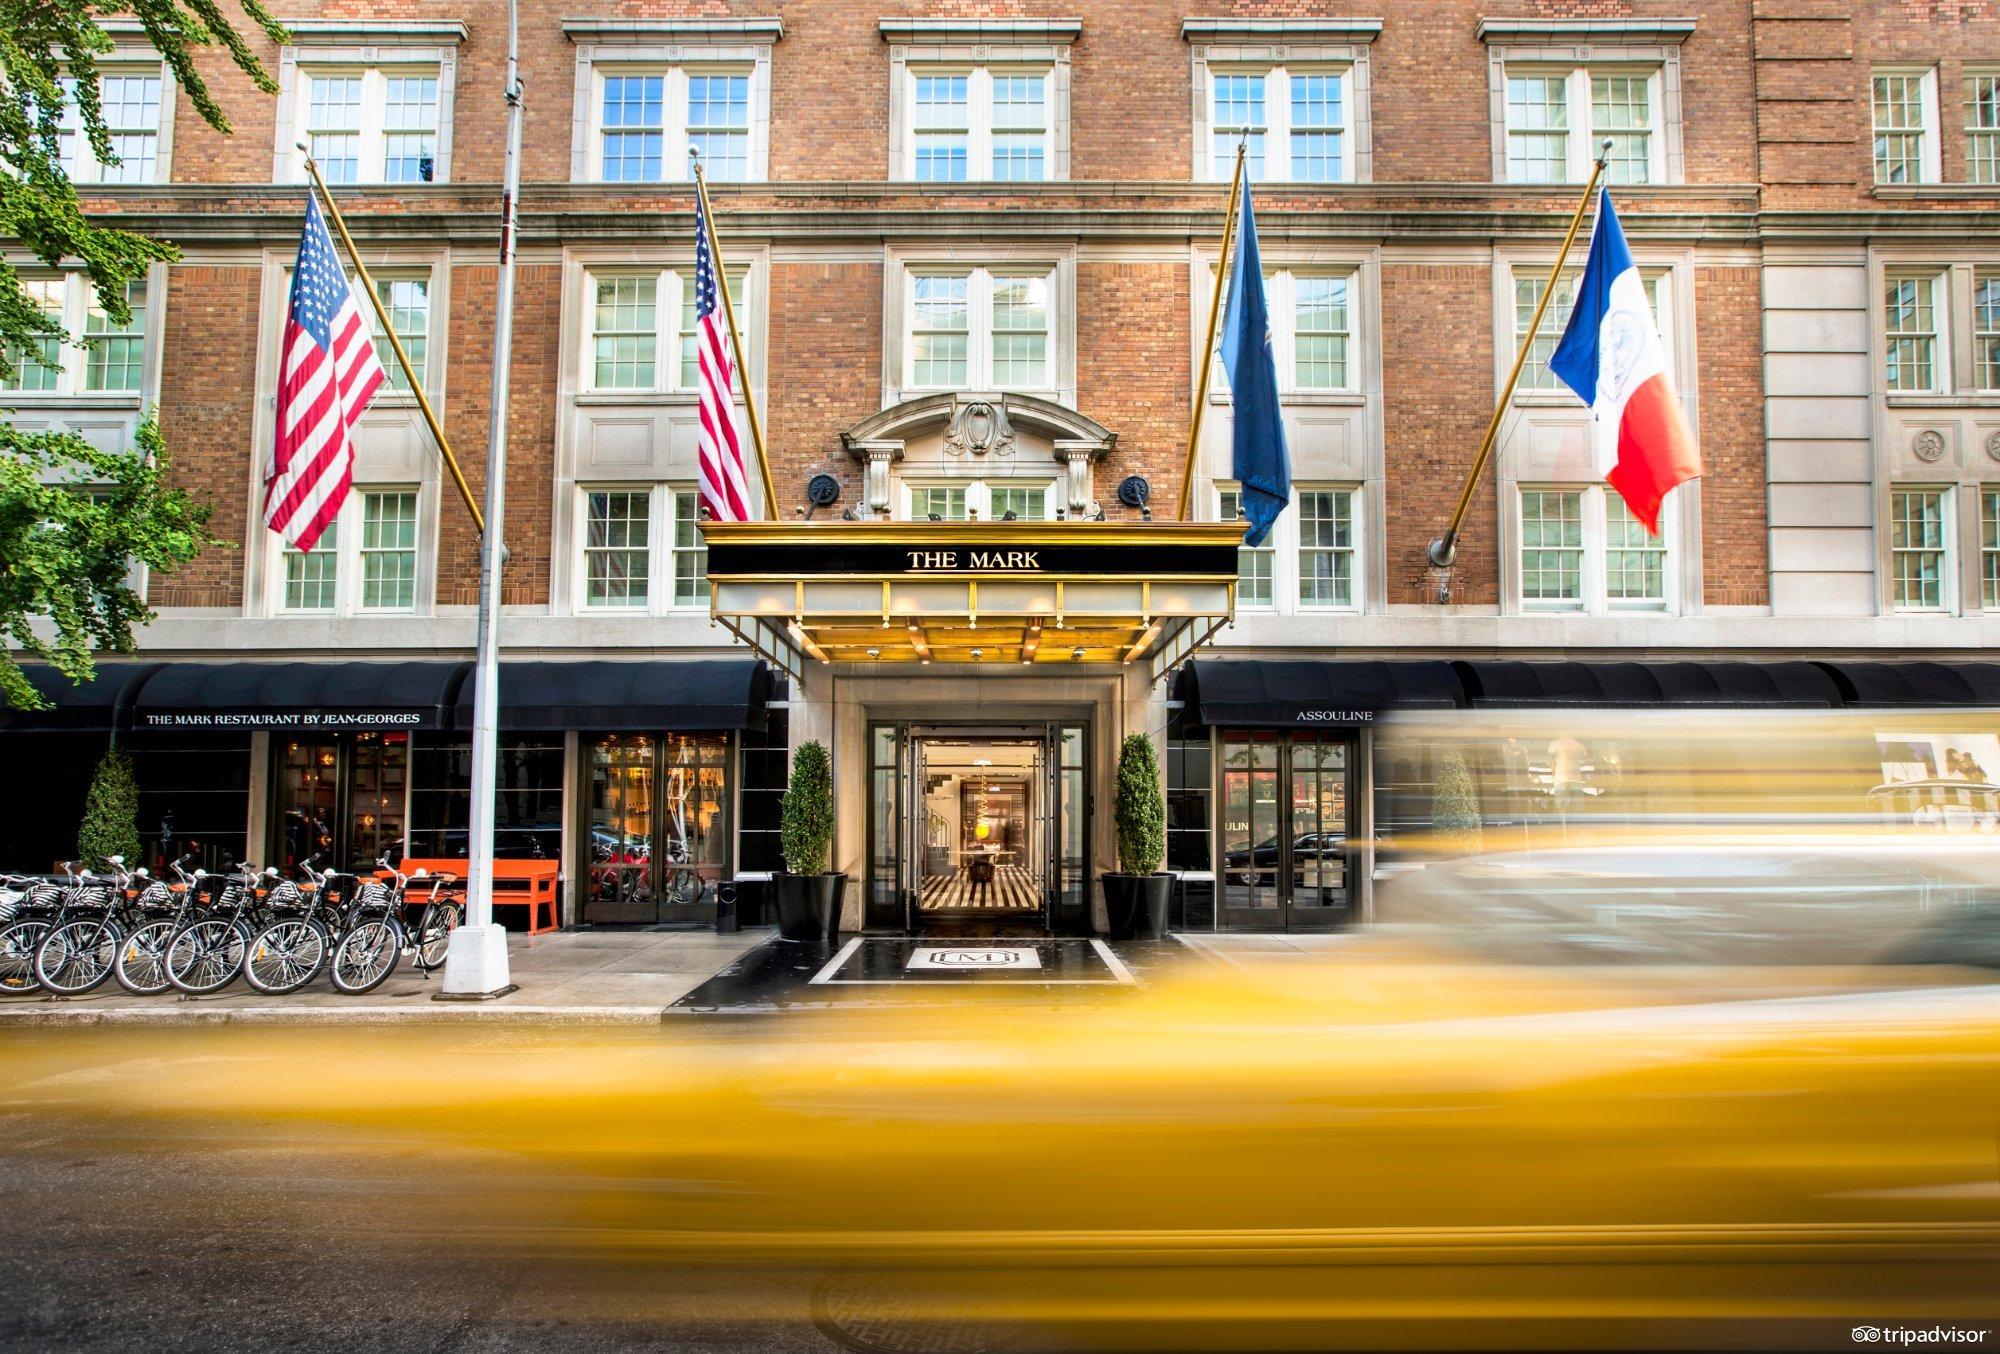 贫穷限制了想象力!世界上最昂贵的酒店  你愿意花50万住一晚吗? 旅游资讯 第3张